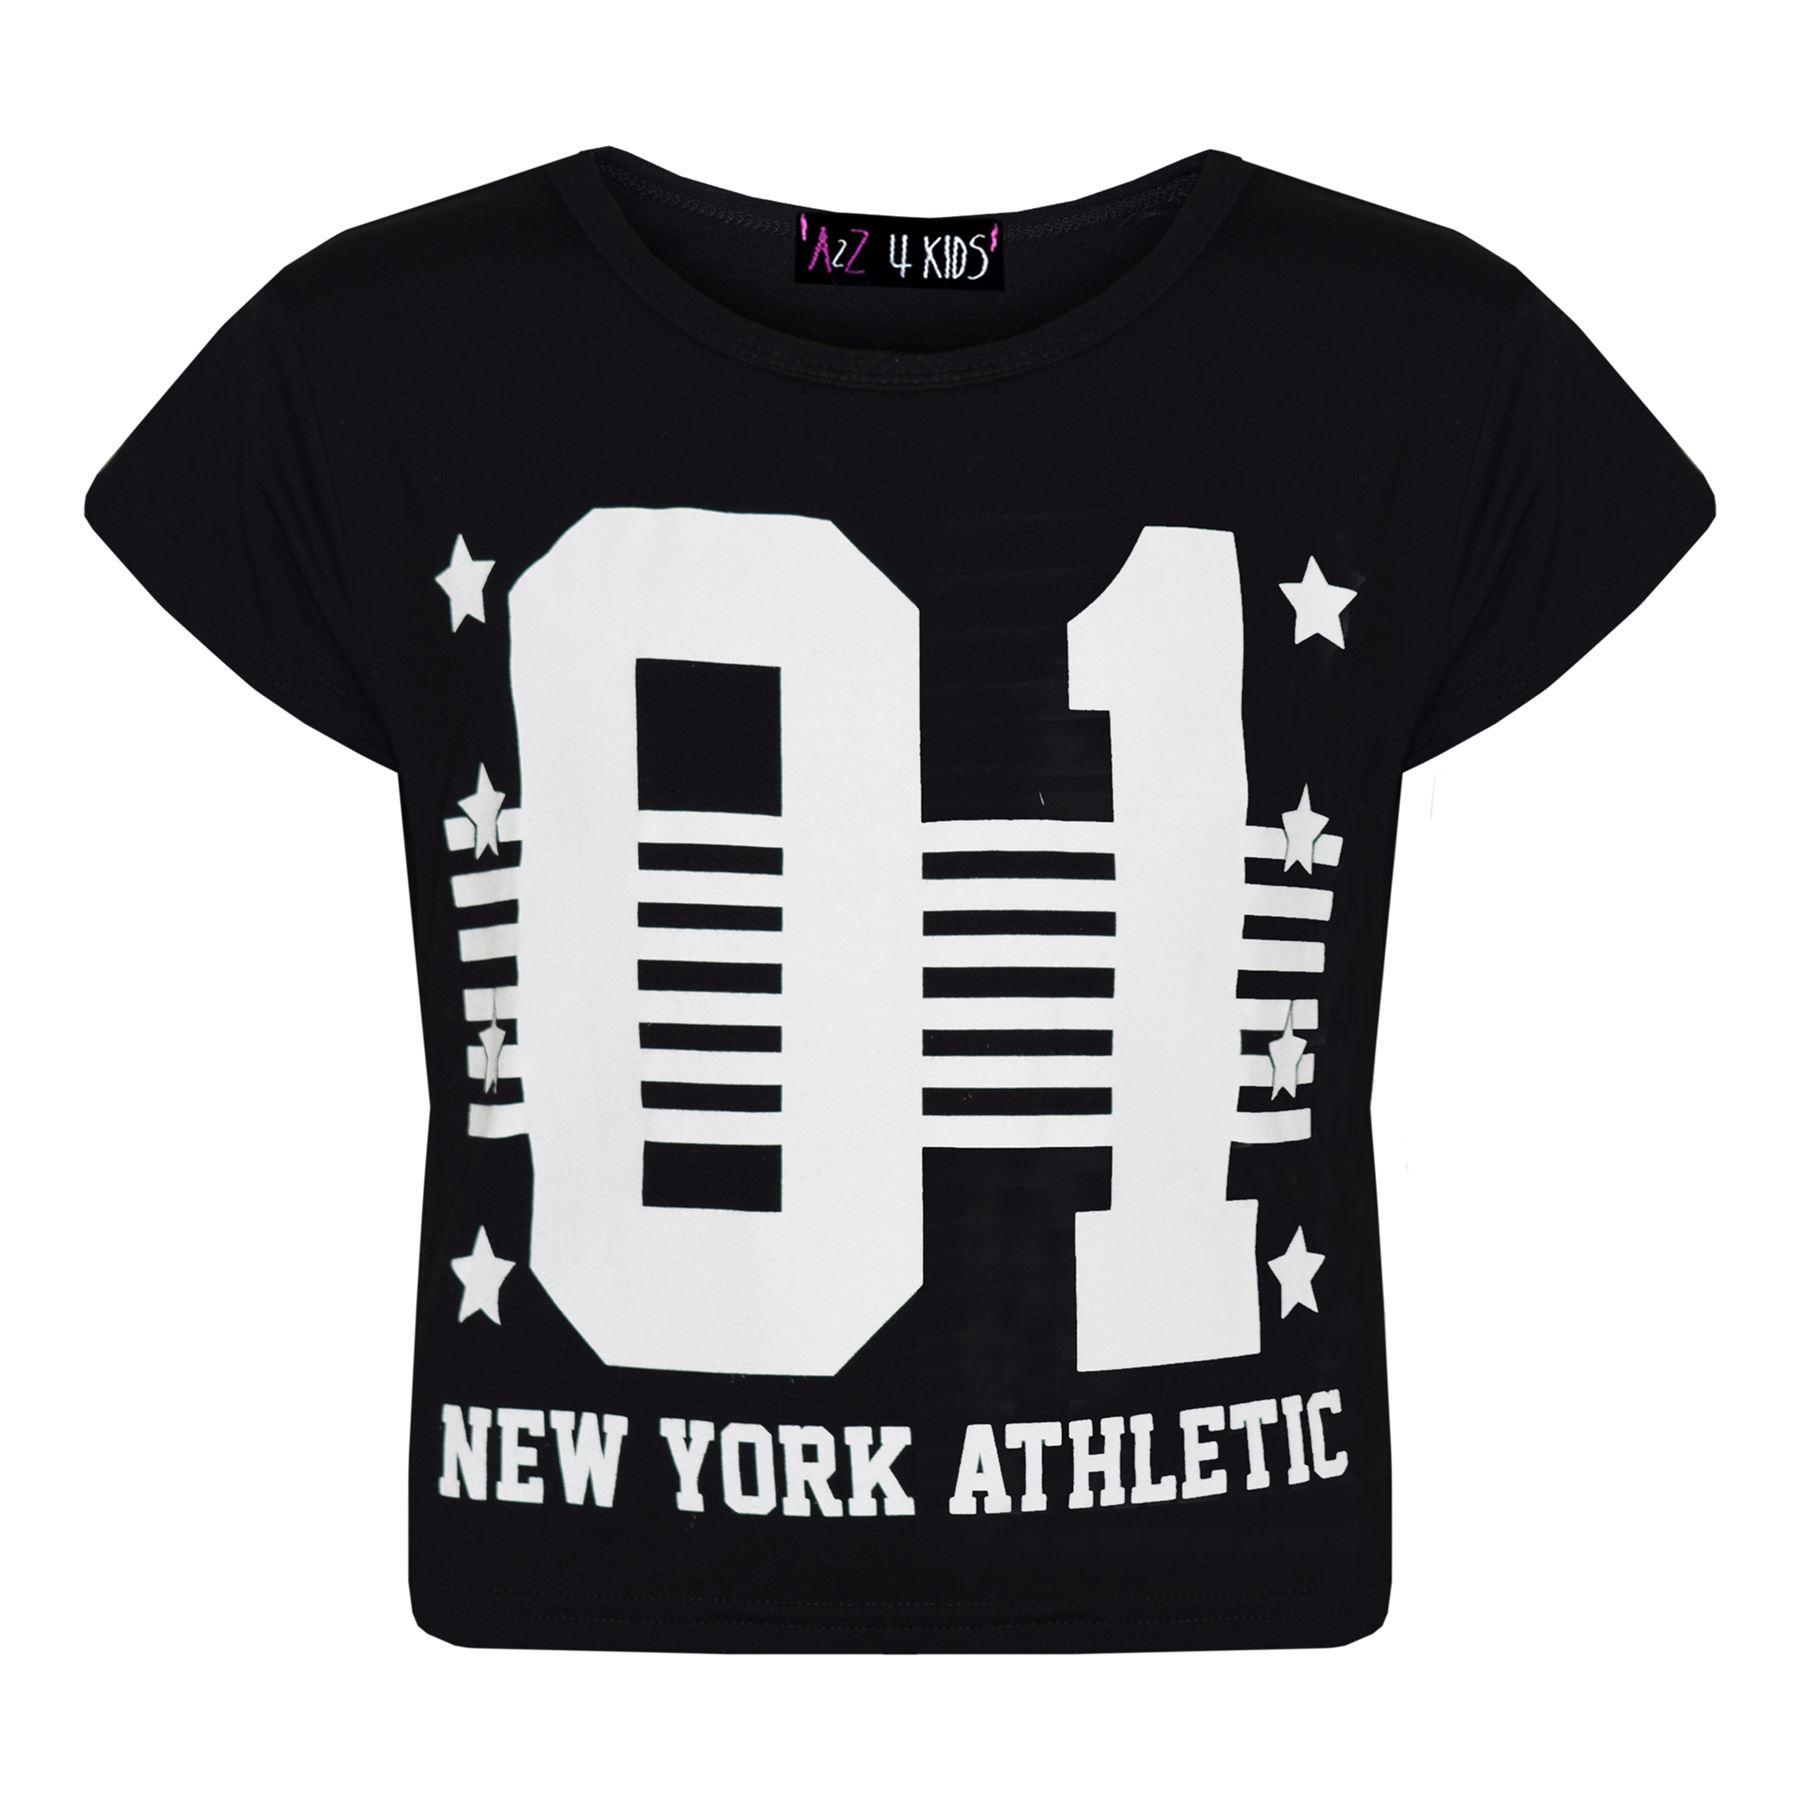 Mädchen Oberteile 01 Stylisch Kinder Aufdruck York New Athletic 5jA3RqcS4L